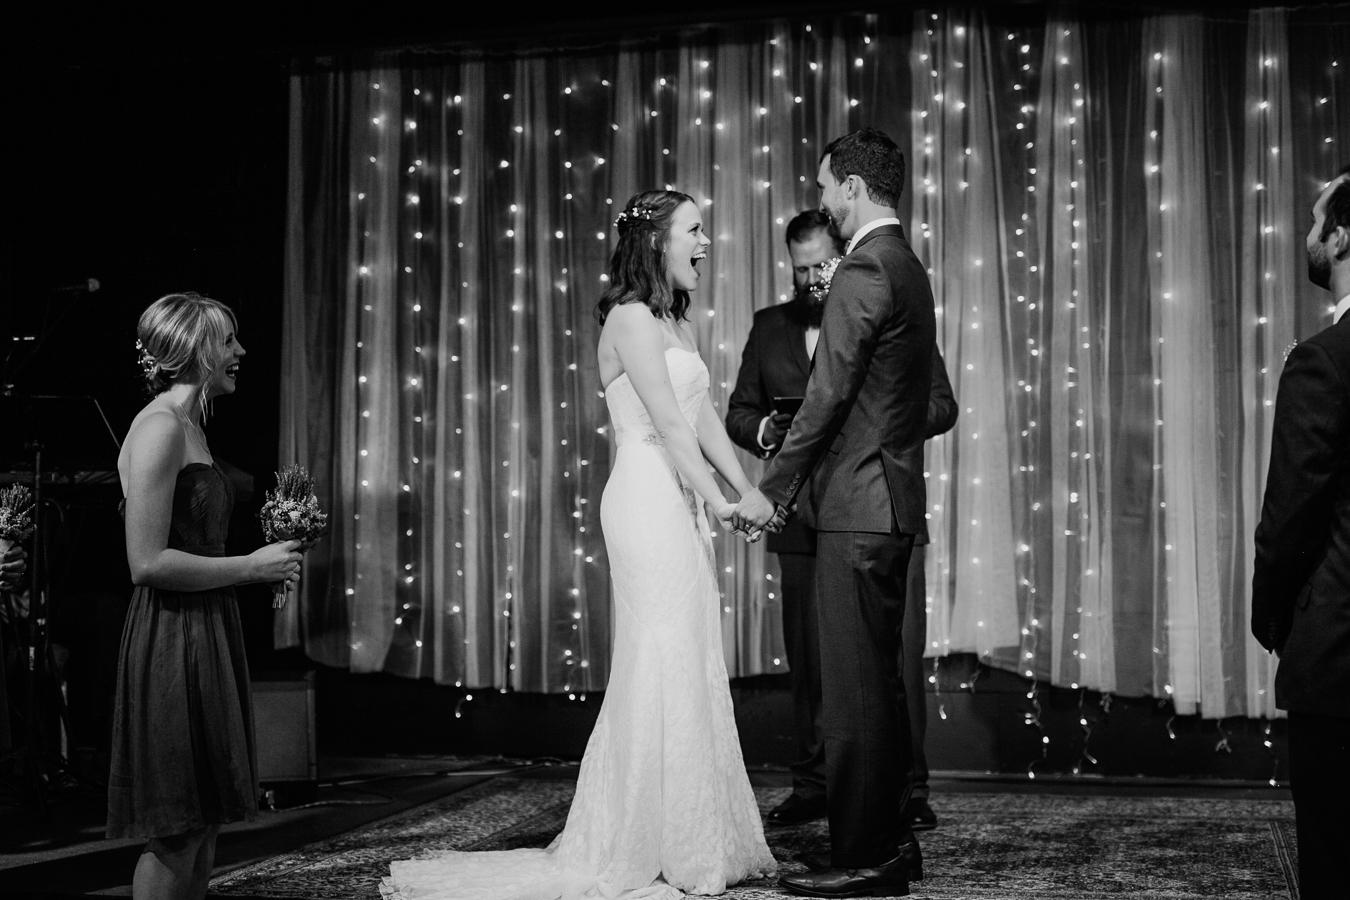 Nashville Wedding Photograpger - Photography Anthology-58.jpg